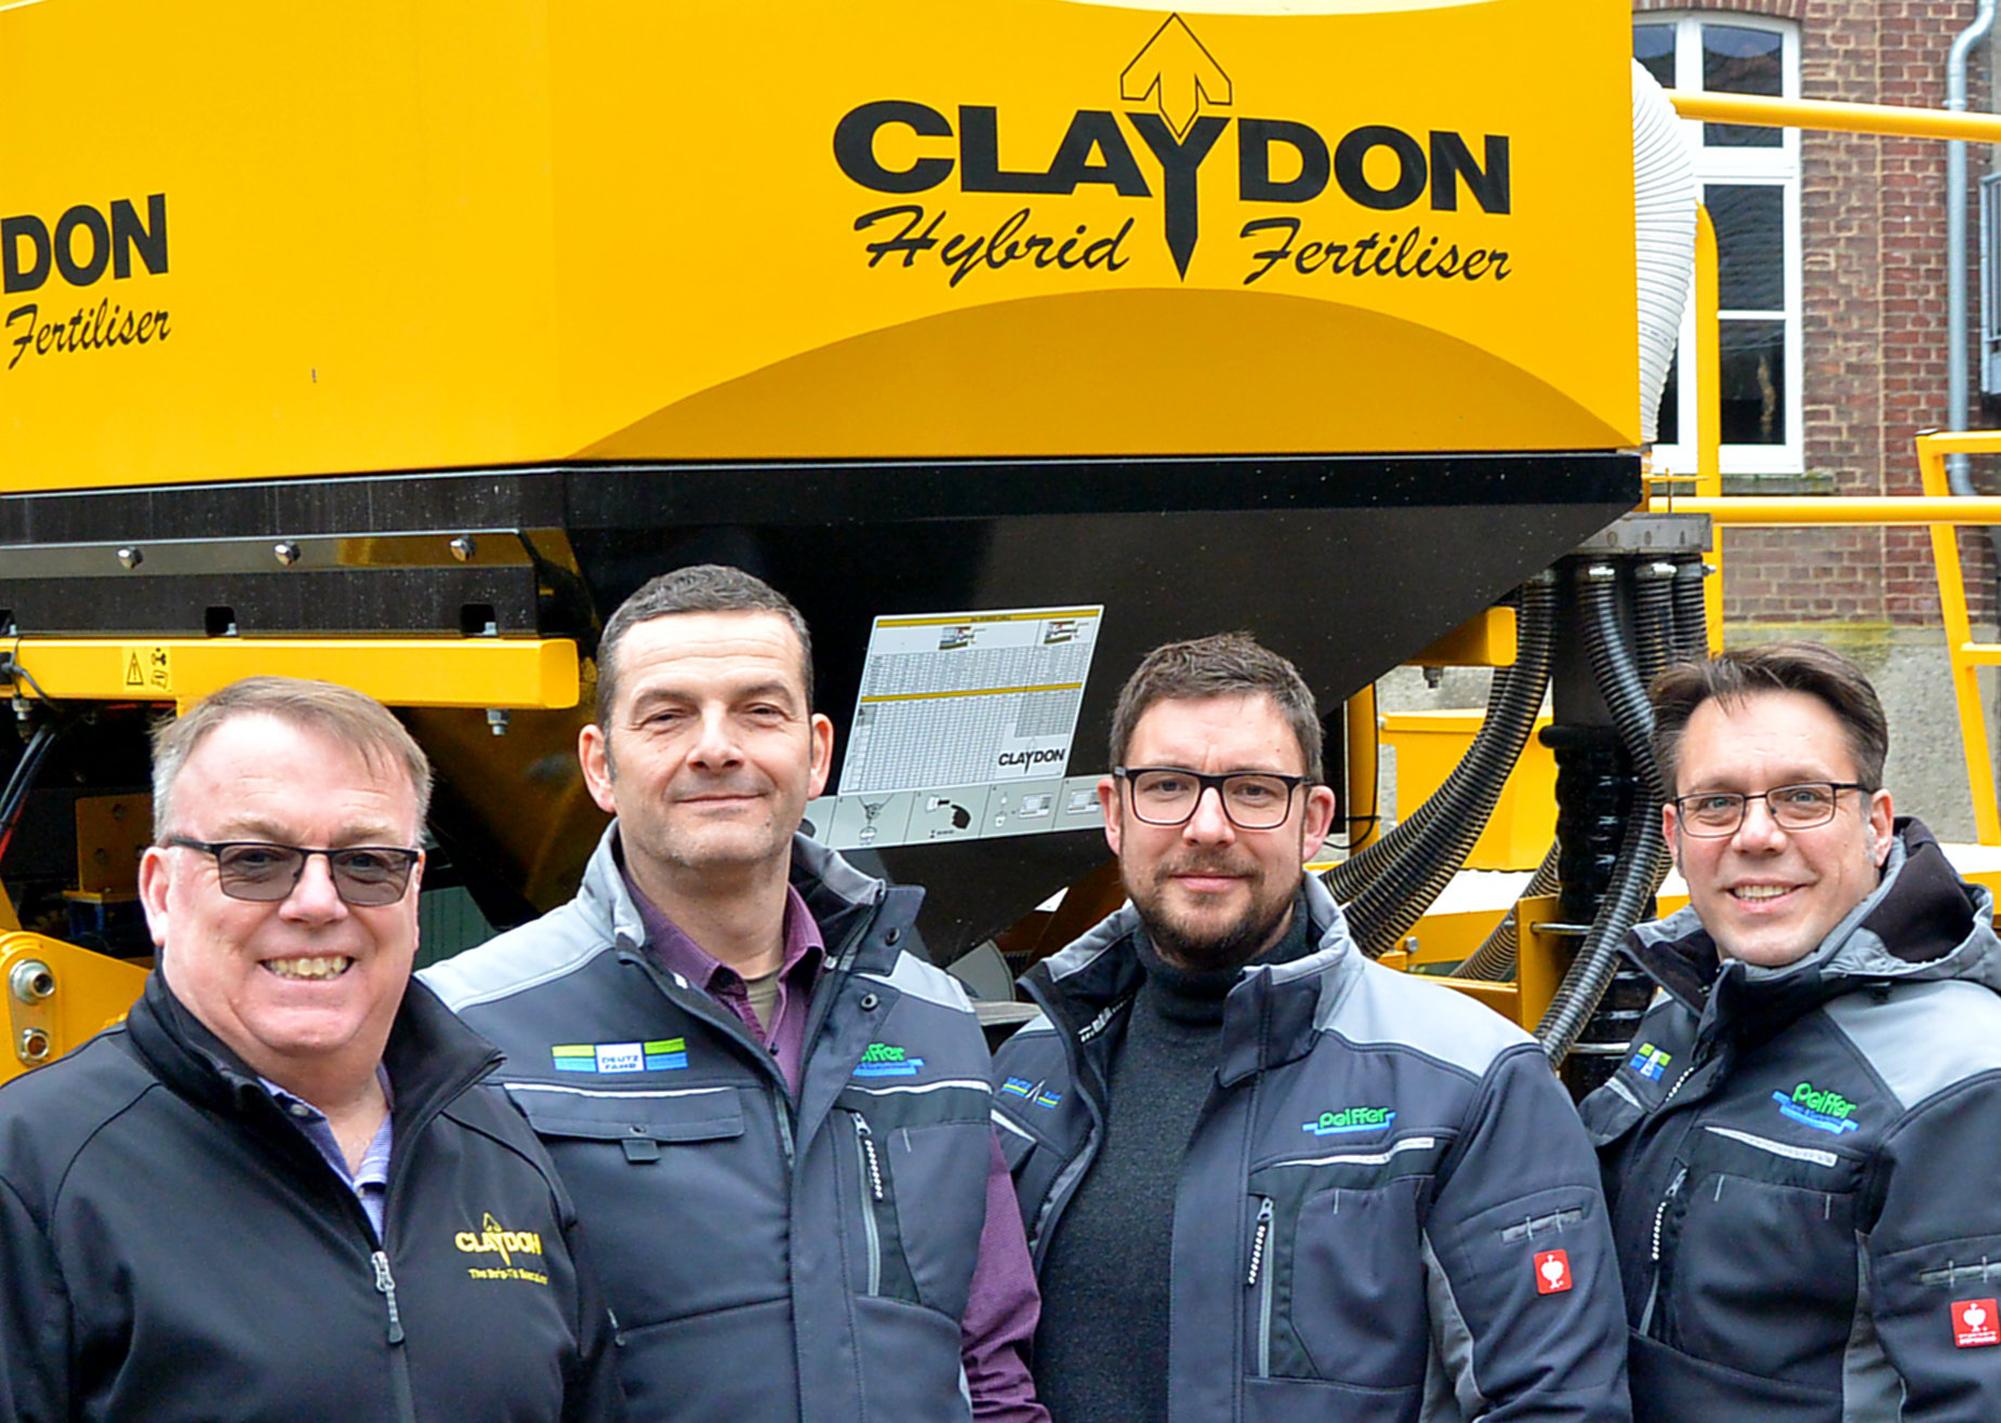 Das Claydon Vertriebsteam für Deutschland. (v.L Simon Revell, Markus Vogler, Sebastian Ständer, Erik Peiffer)|copyright: Claydon